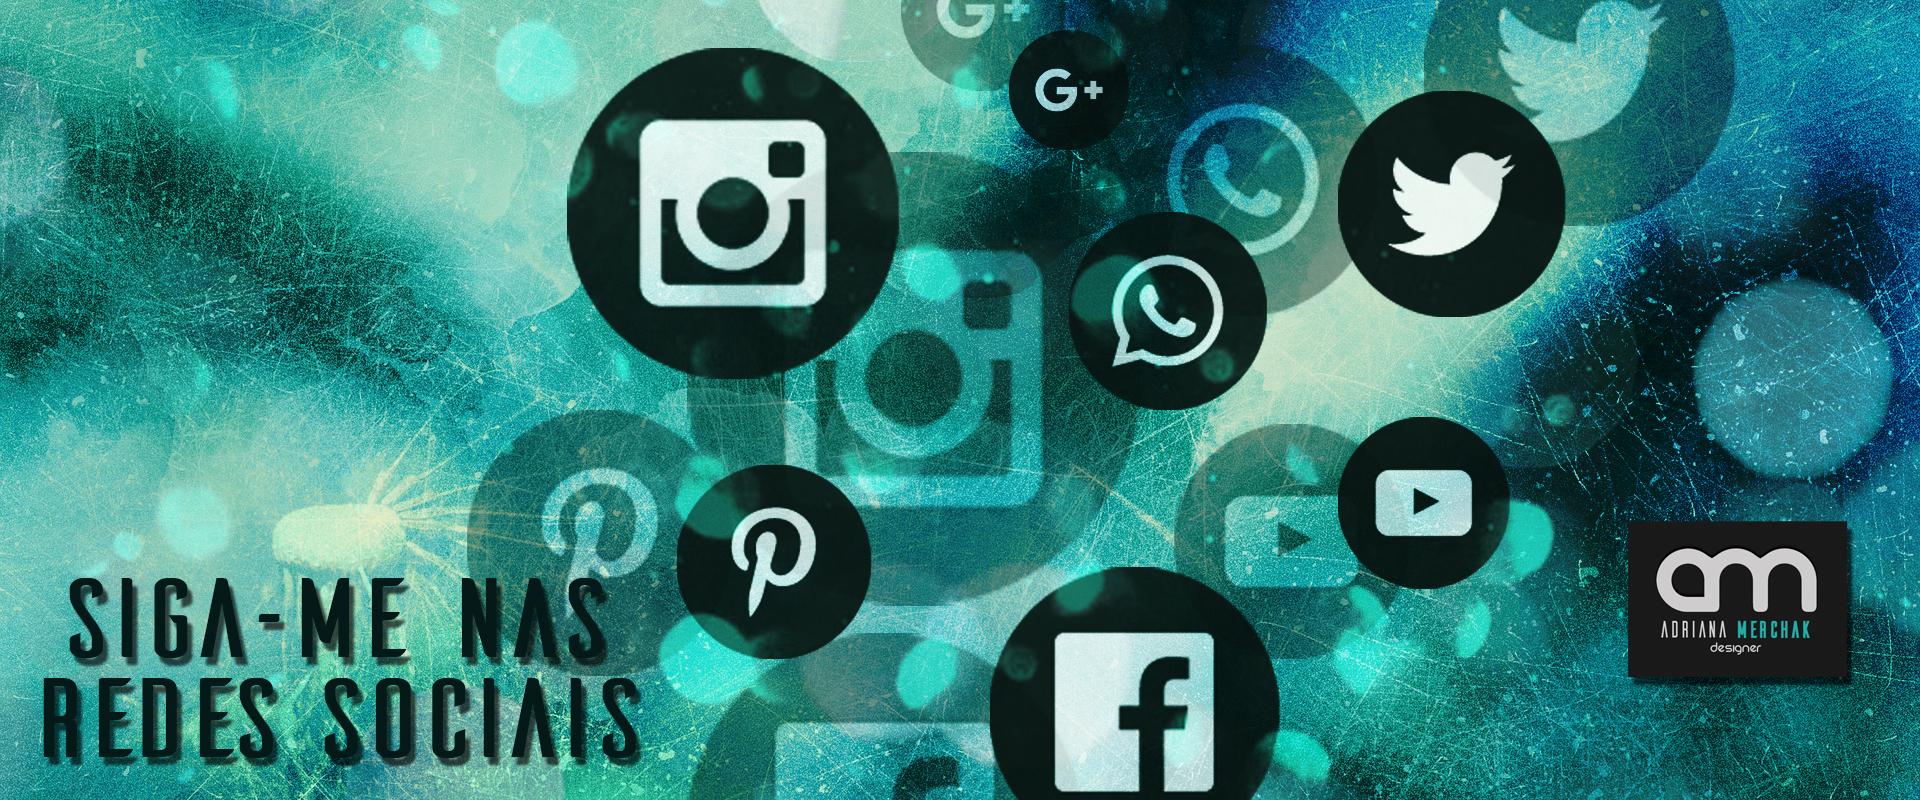 Siga-me nas redes sociais